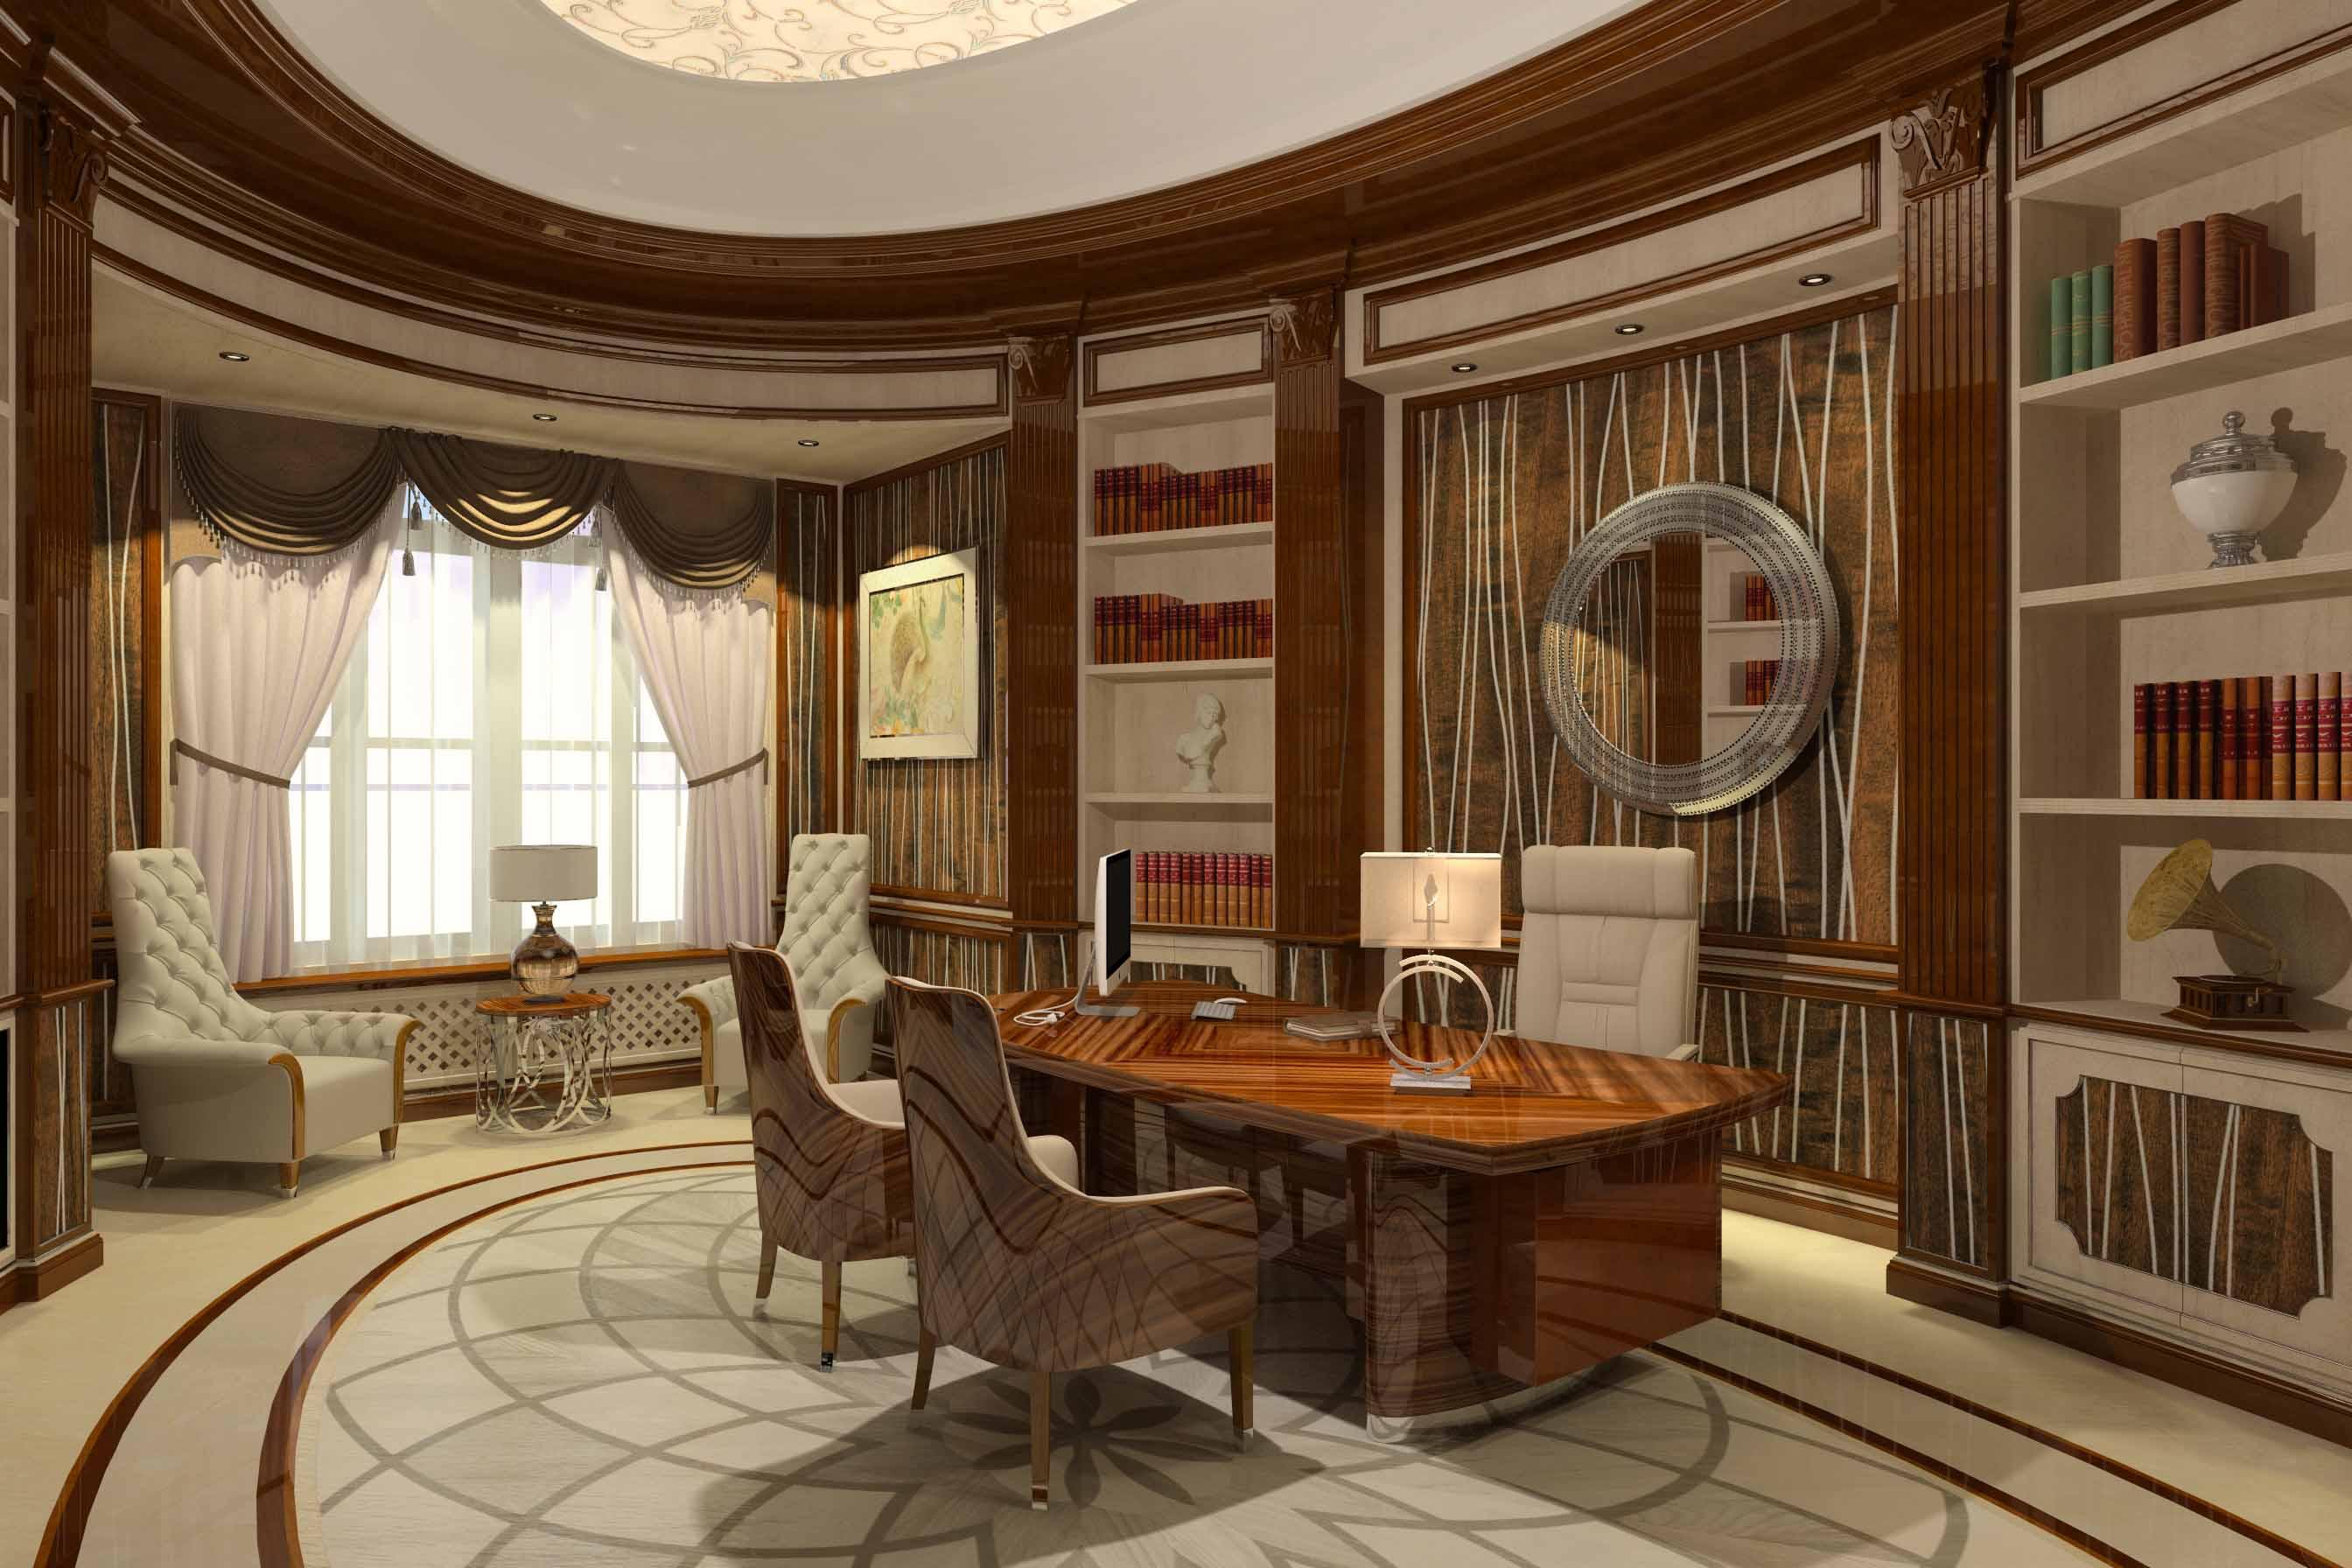 Arredamento e design interni stile italiano italian design - Arredamento interni design ...